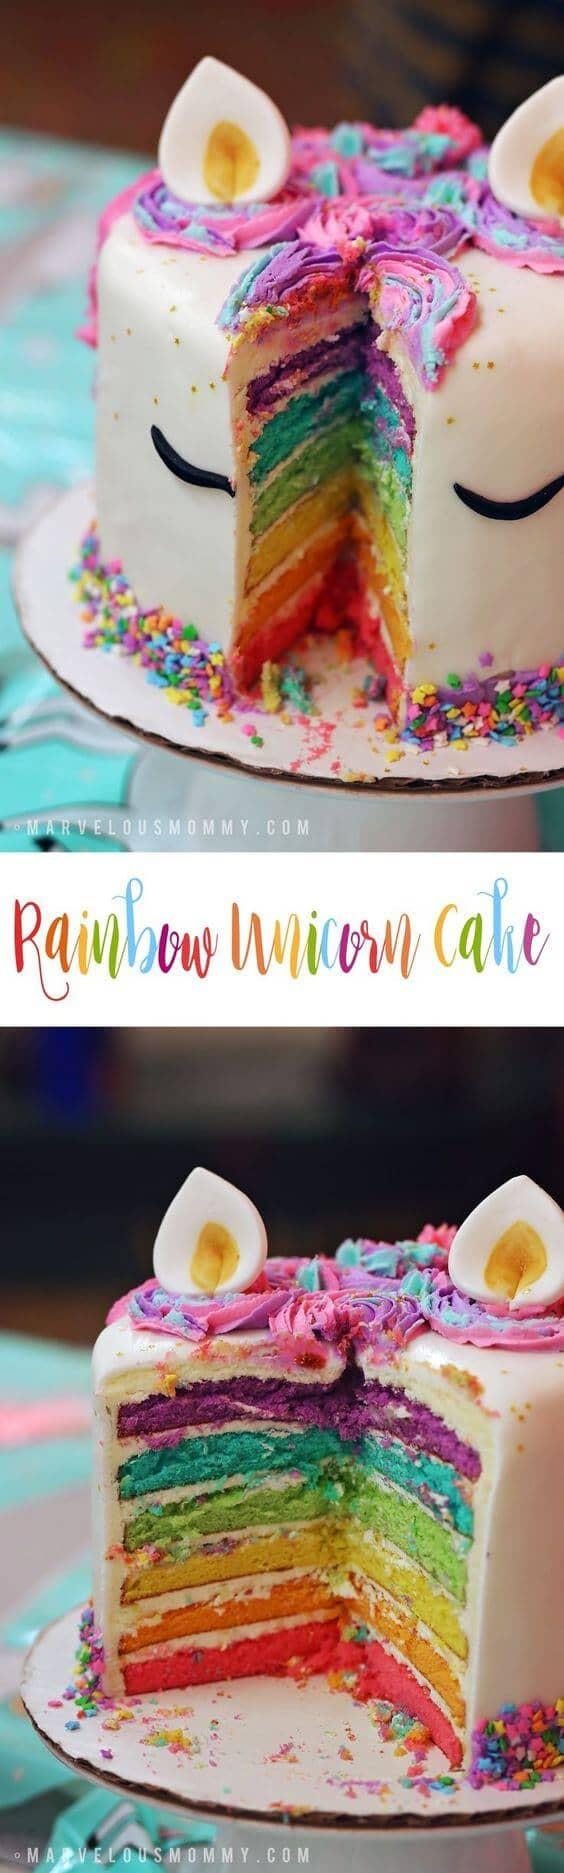 6-Layer Rainbow Bright Unicorn Cake